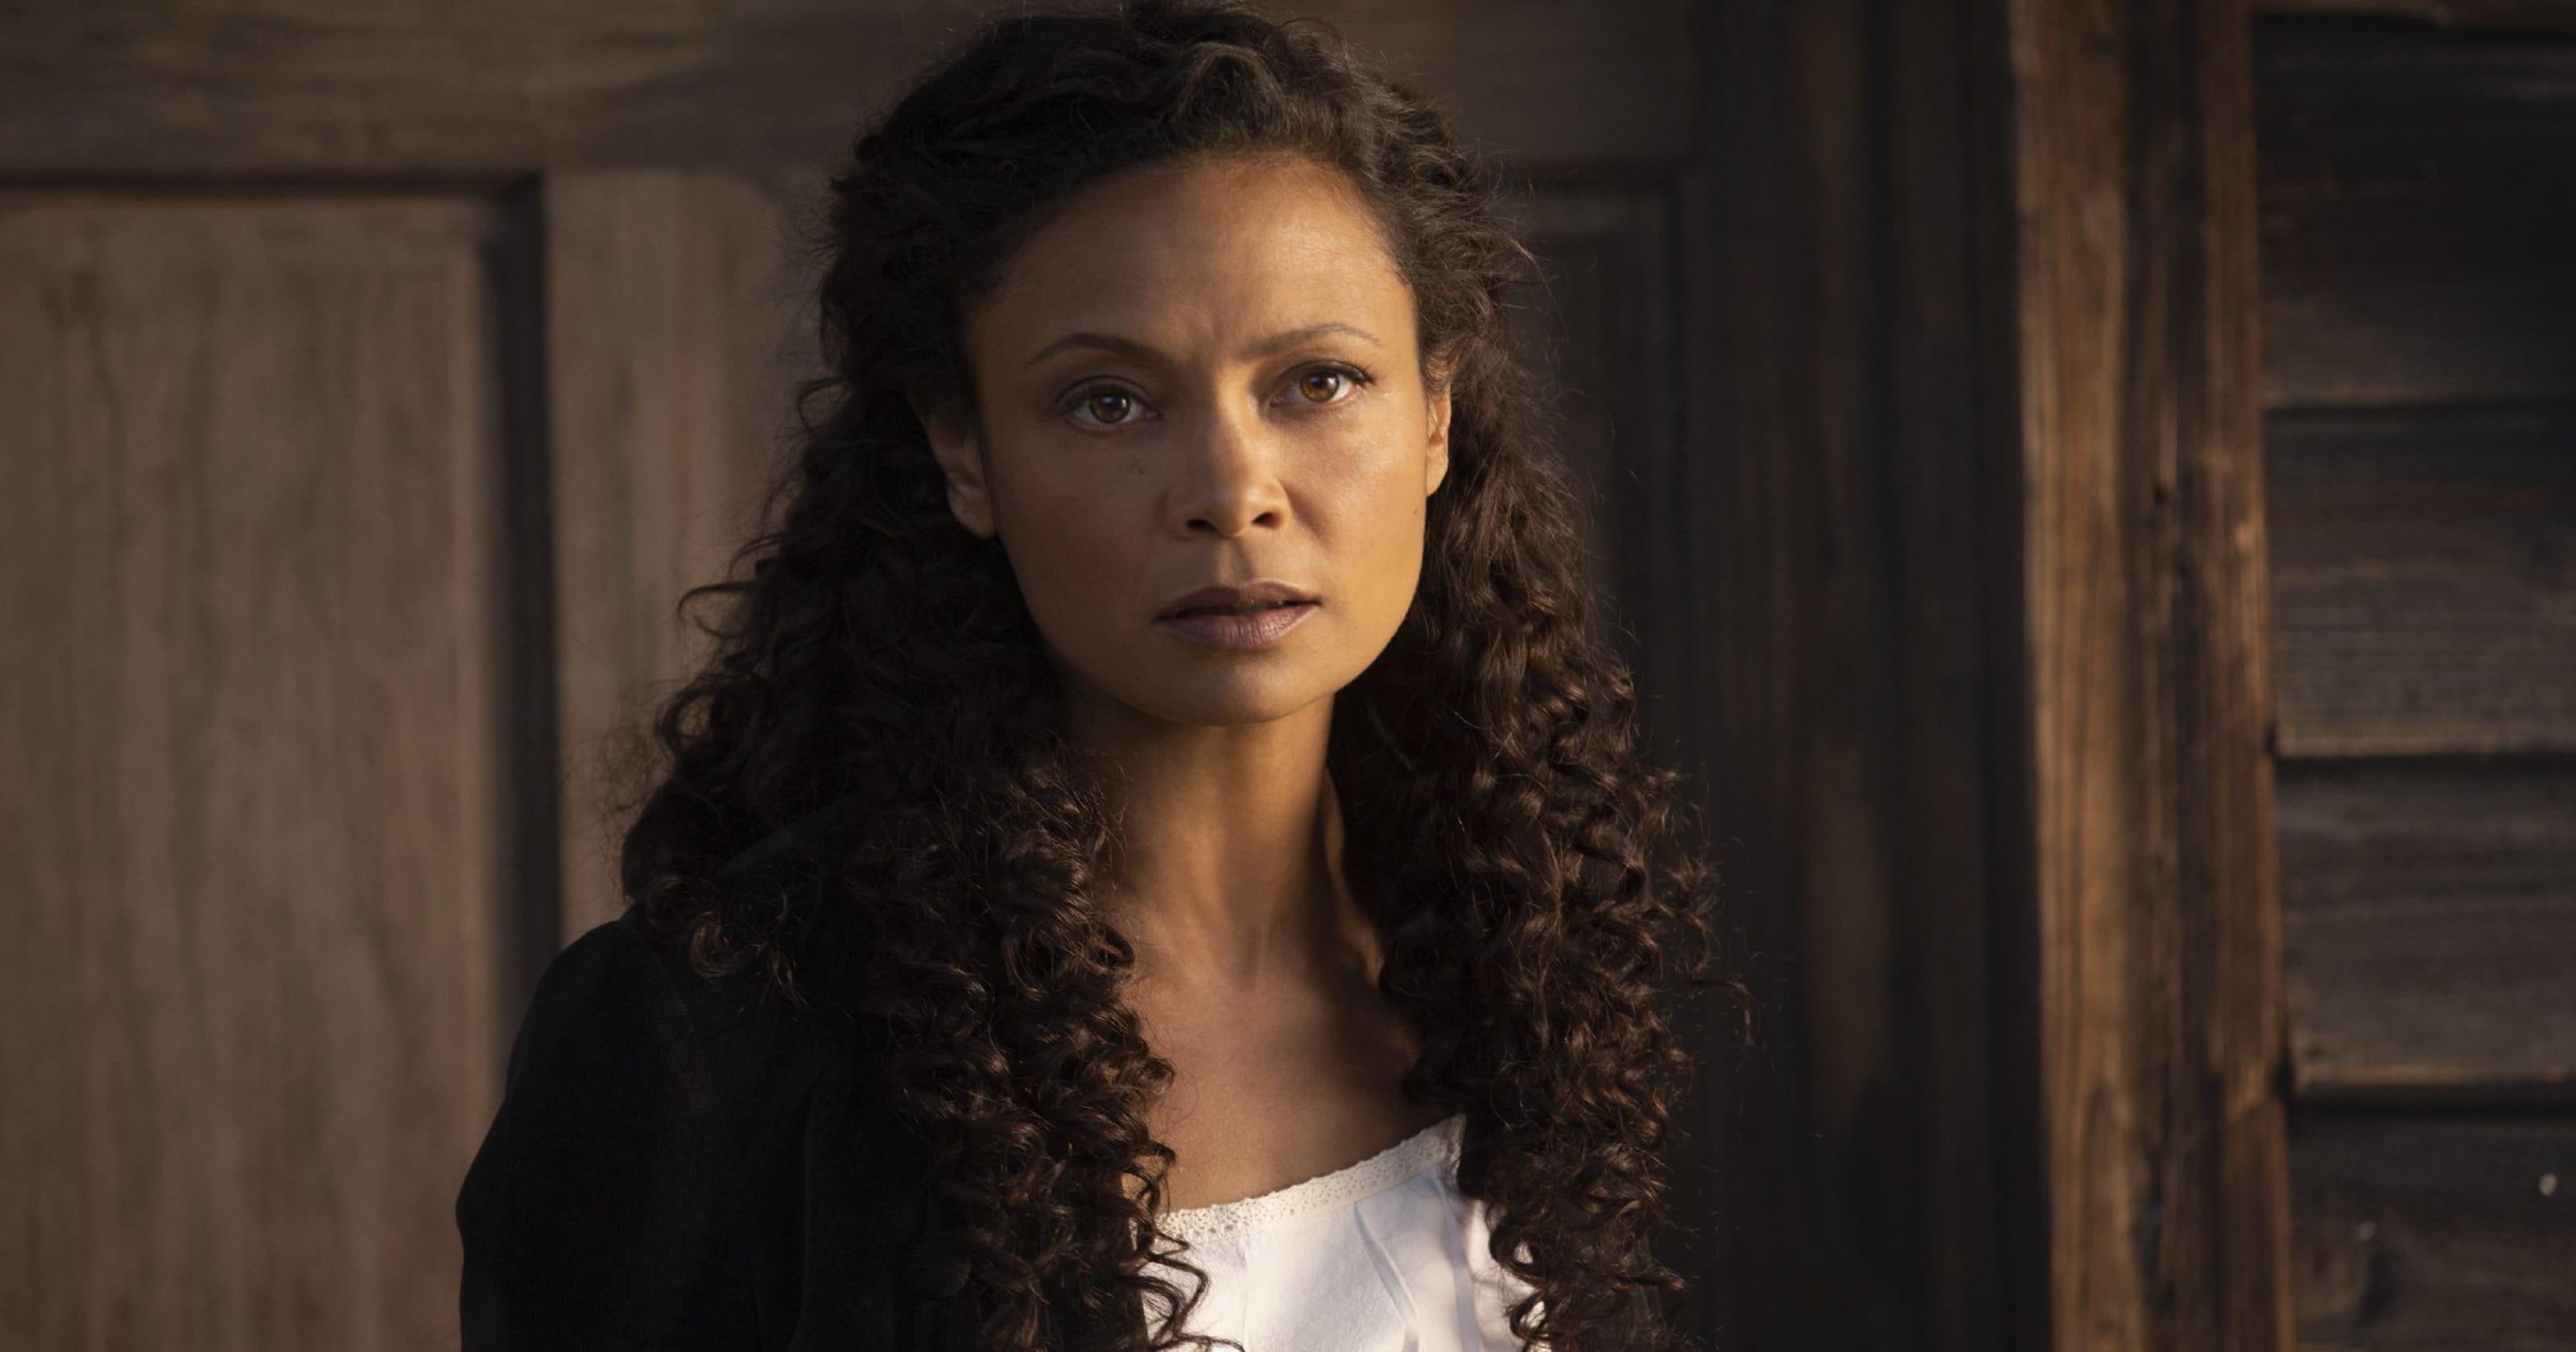 Westworld' recap: Season 2, Episode 4, 'Les Écorchés'